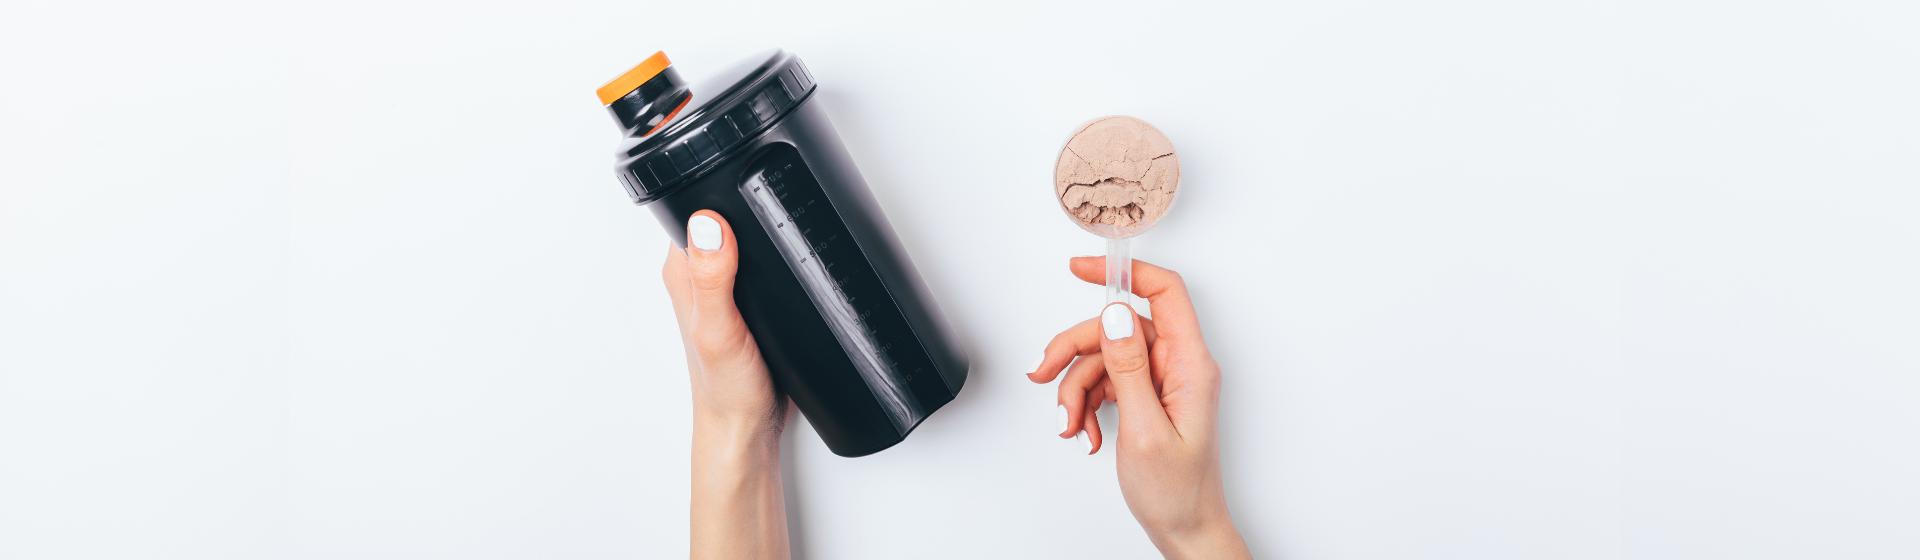 Melhor Whey Protein de 2021: 7 opções para comprar